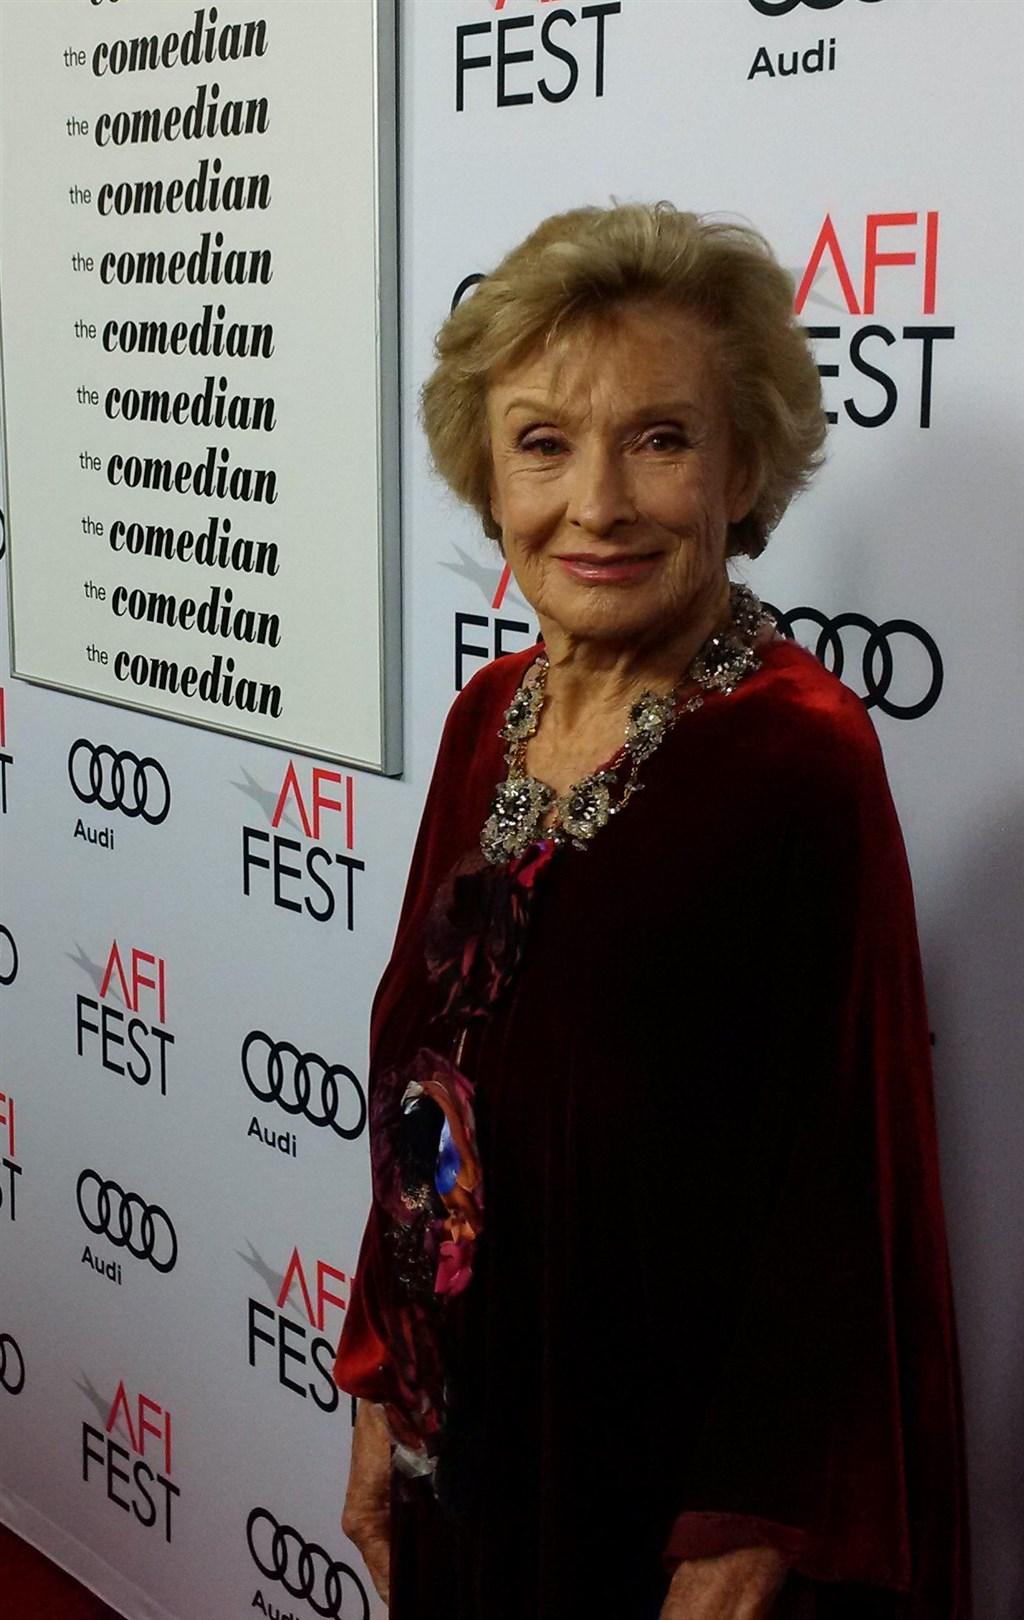 以「瑪麗泰勒摩爾秀」等劇榮獲8座艾美獎並以「最後一場電影」抱走小金人的美國女演員克蘿麗絲莉姬曼27日在家中與世長辭,享壽94歲。(圖取自twitter.com/Cloris_Leachman)